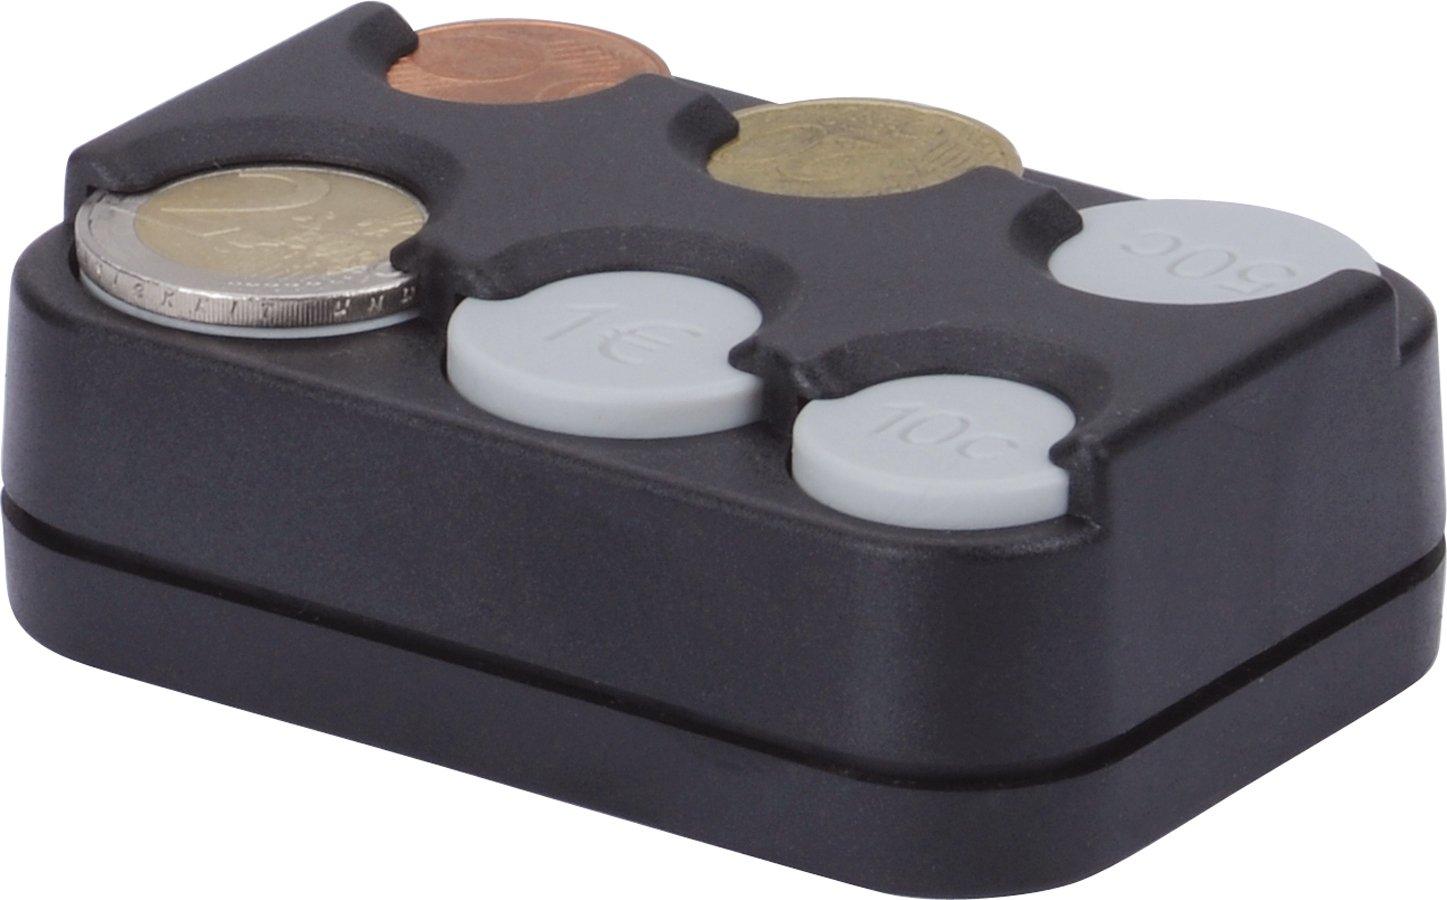 HR-Motion - Scatola Portamonete con 8 compartimenti per Monete da 1Centesimo Fino a 2Euro, Versione con Molla, Made in Germany, Autoadesivo–10310301 Autoadesivo-10310301 Herbert Richter 10310401